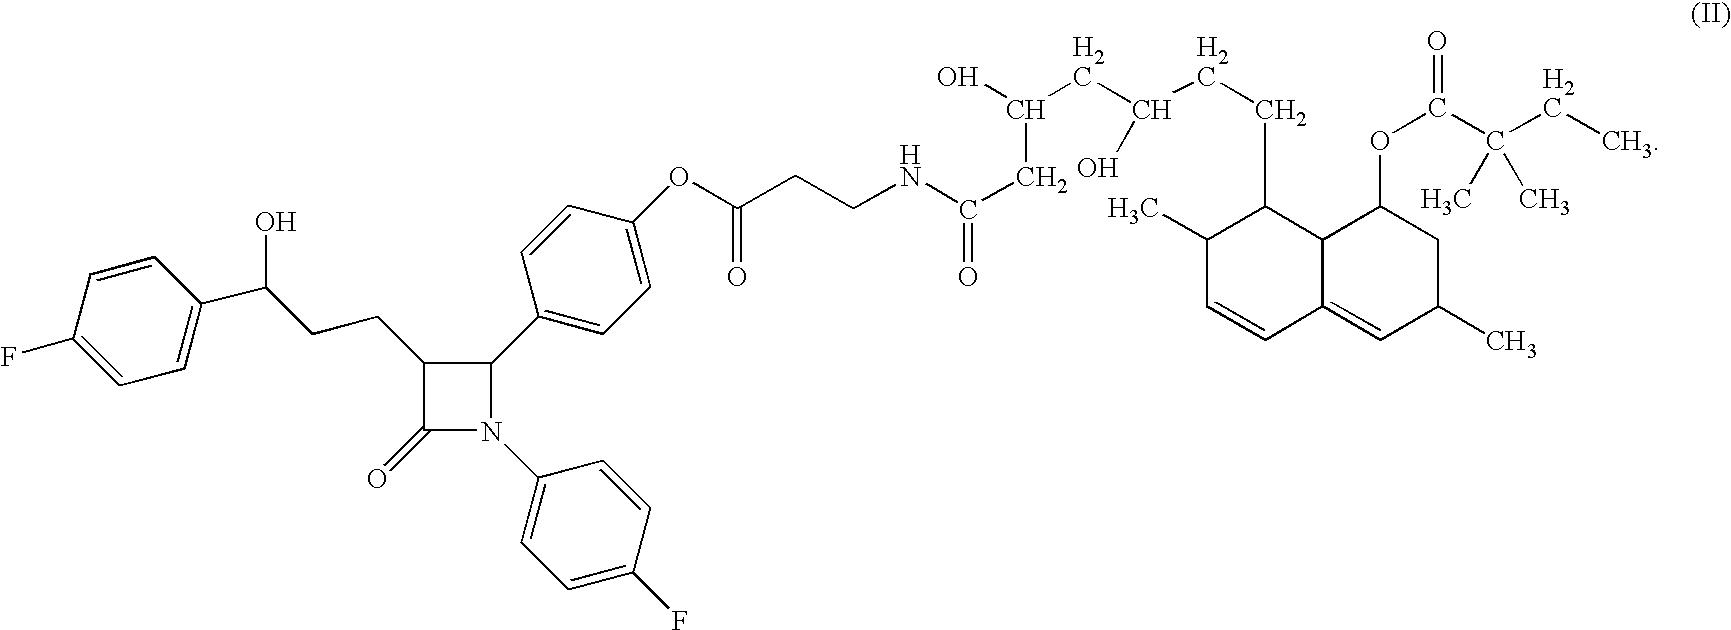 Figure US07741289-20100622-C00015